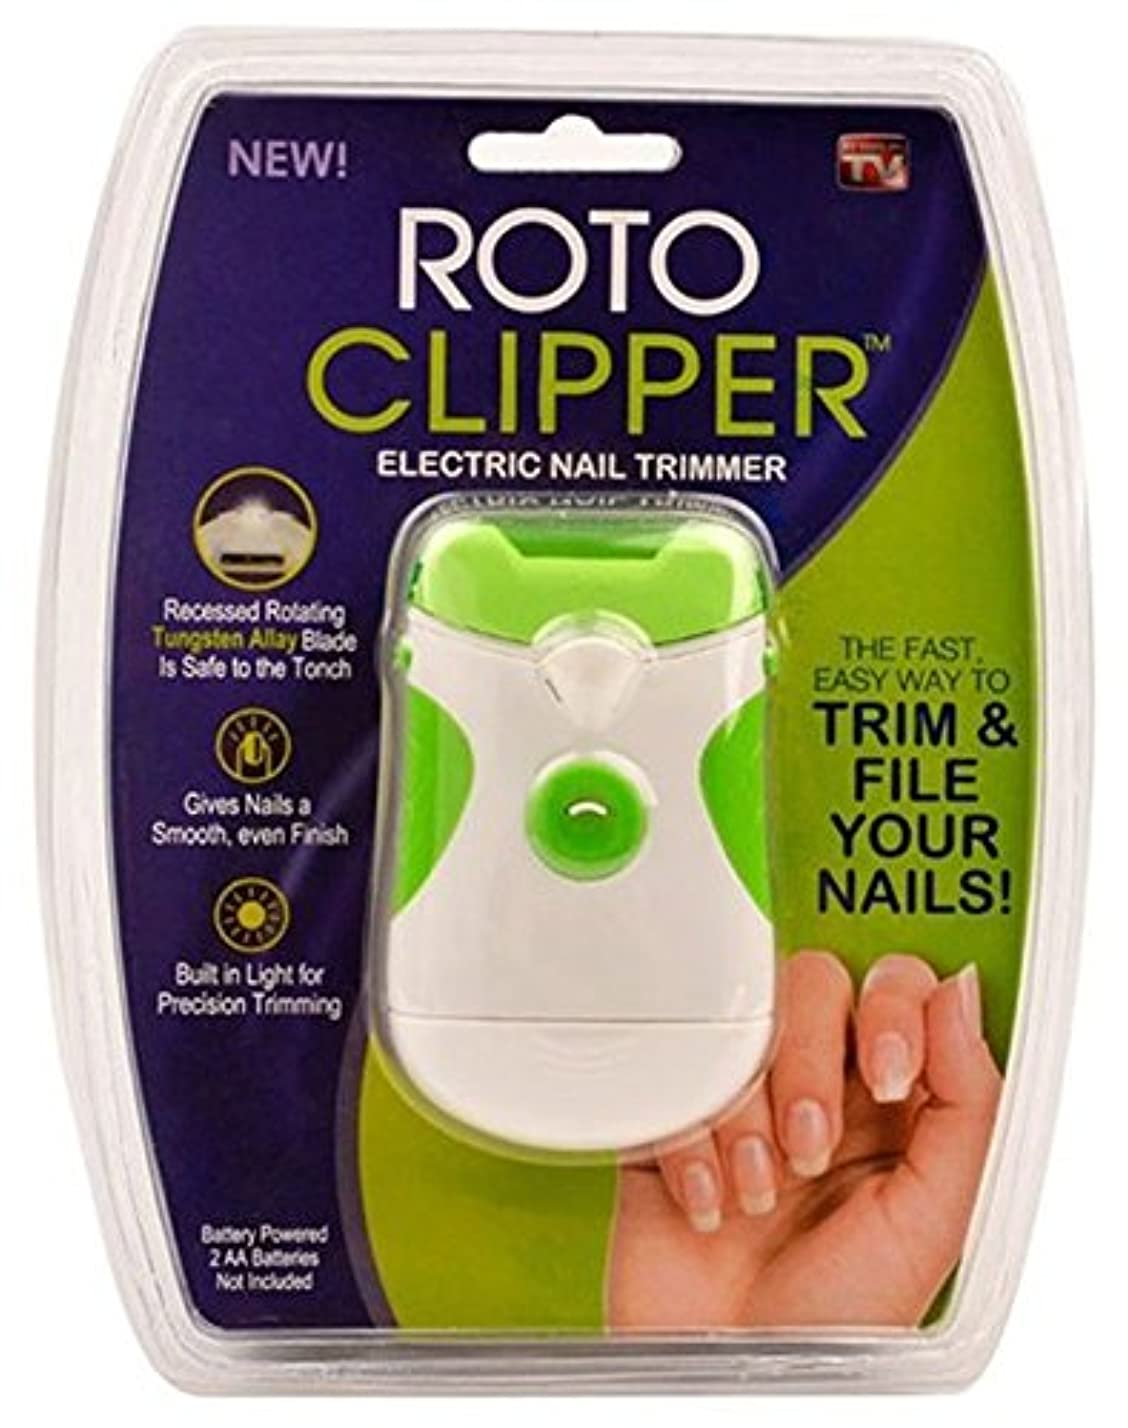 アライメント土器殺しますStardust 電動 清潔 電池 式 ネイル 簡単 爪 切り 爪 とぎ やすり 手 削り 綺麗 爪 オート マチック SD-TUMEME